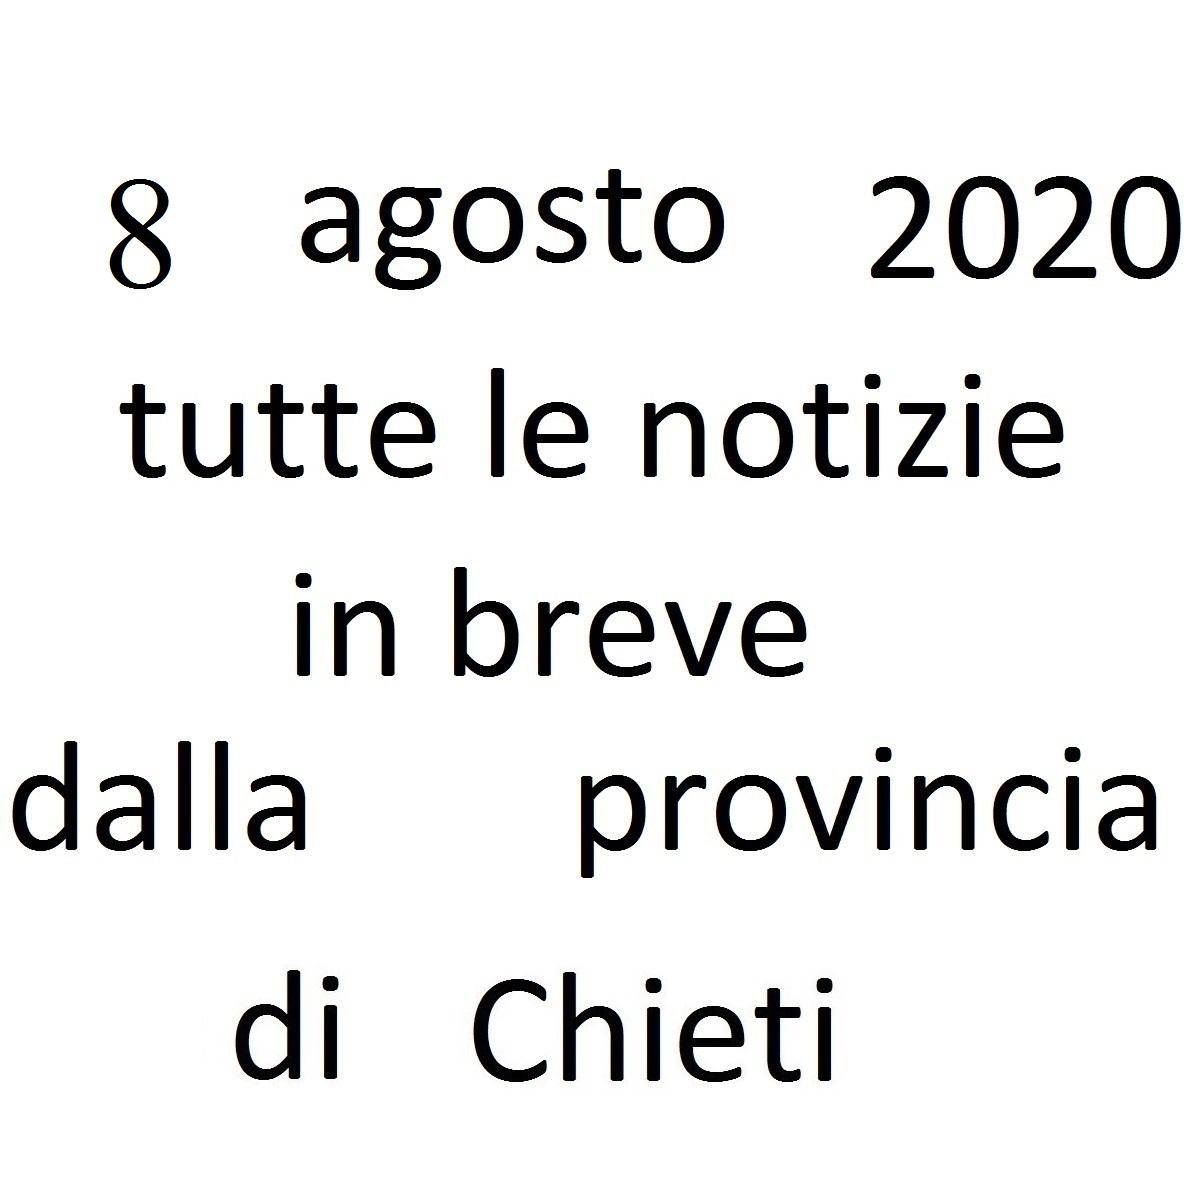 8 agosto 2020 notizie in breve dalla Provincia di Chieti foto